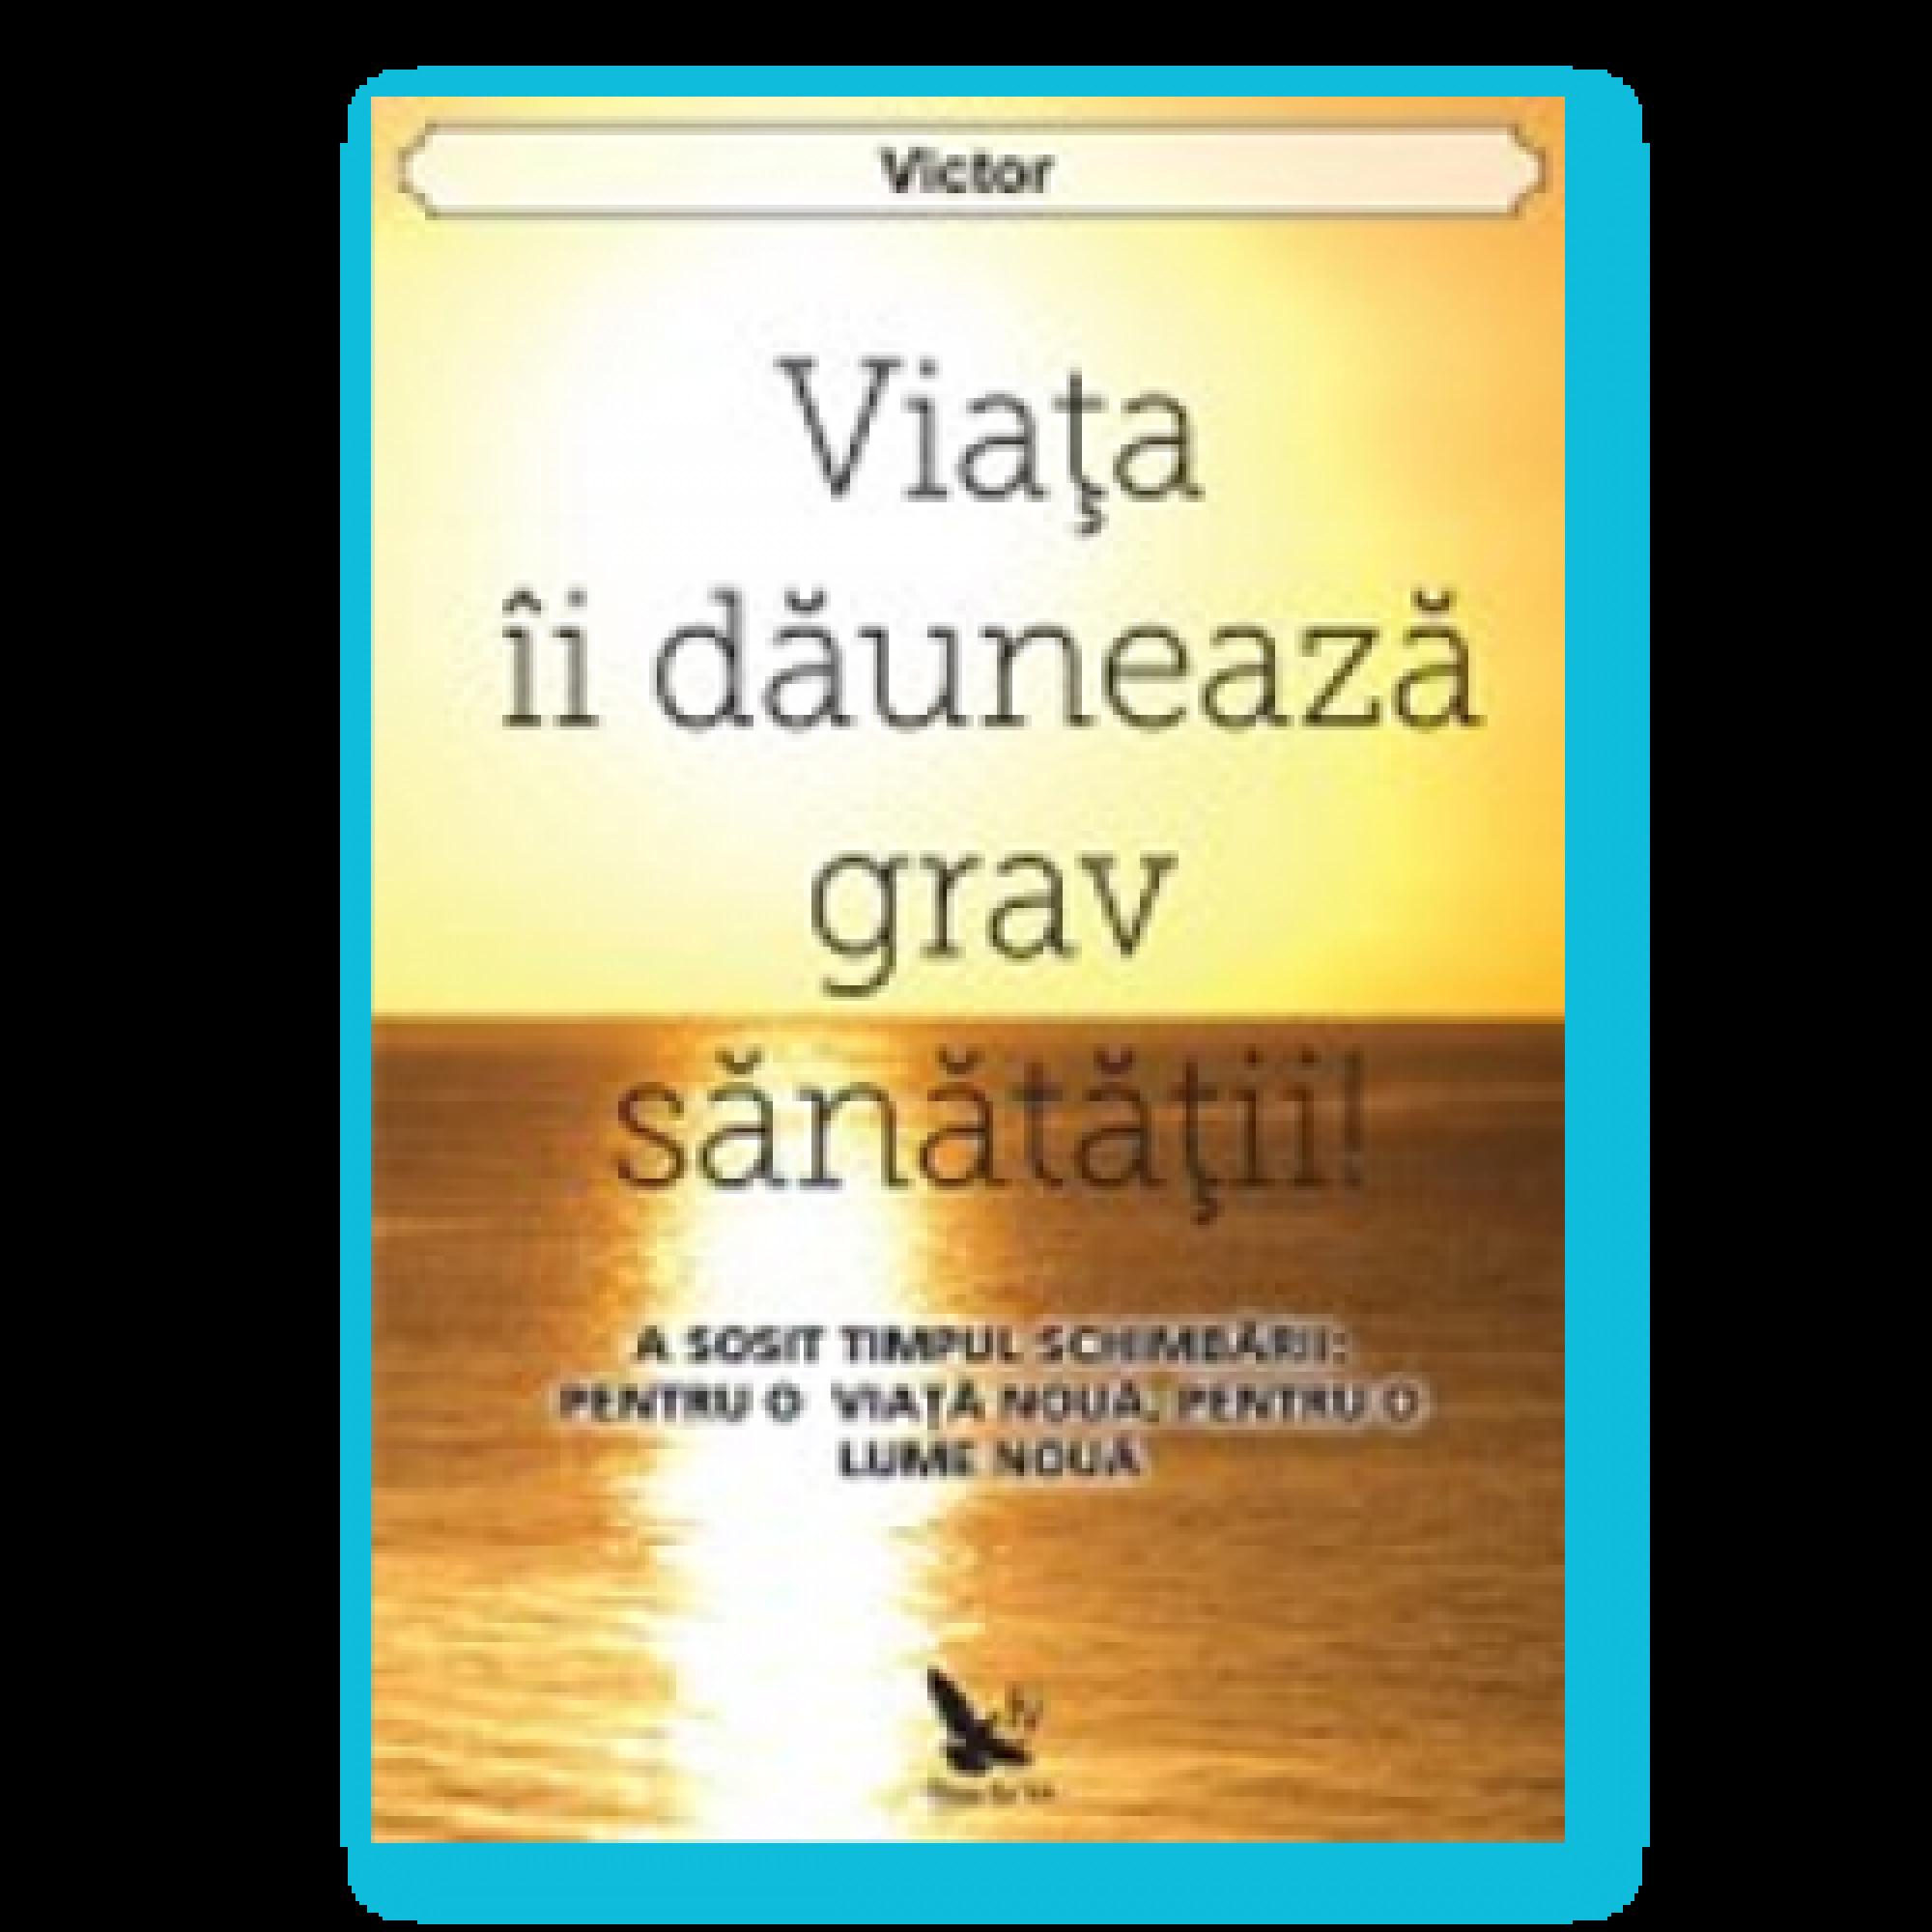 Viața îi dăunează grav sănătății!; Victor